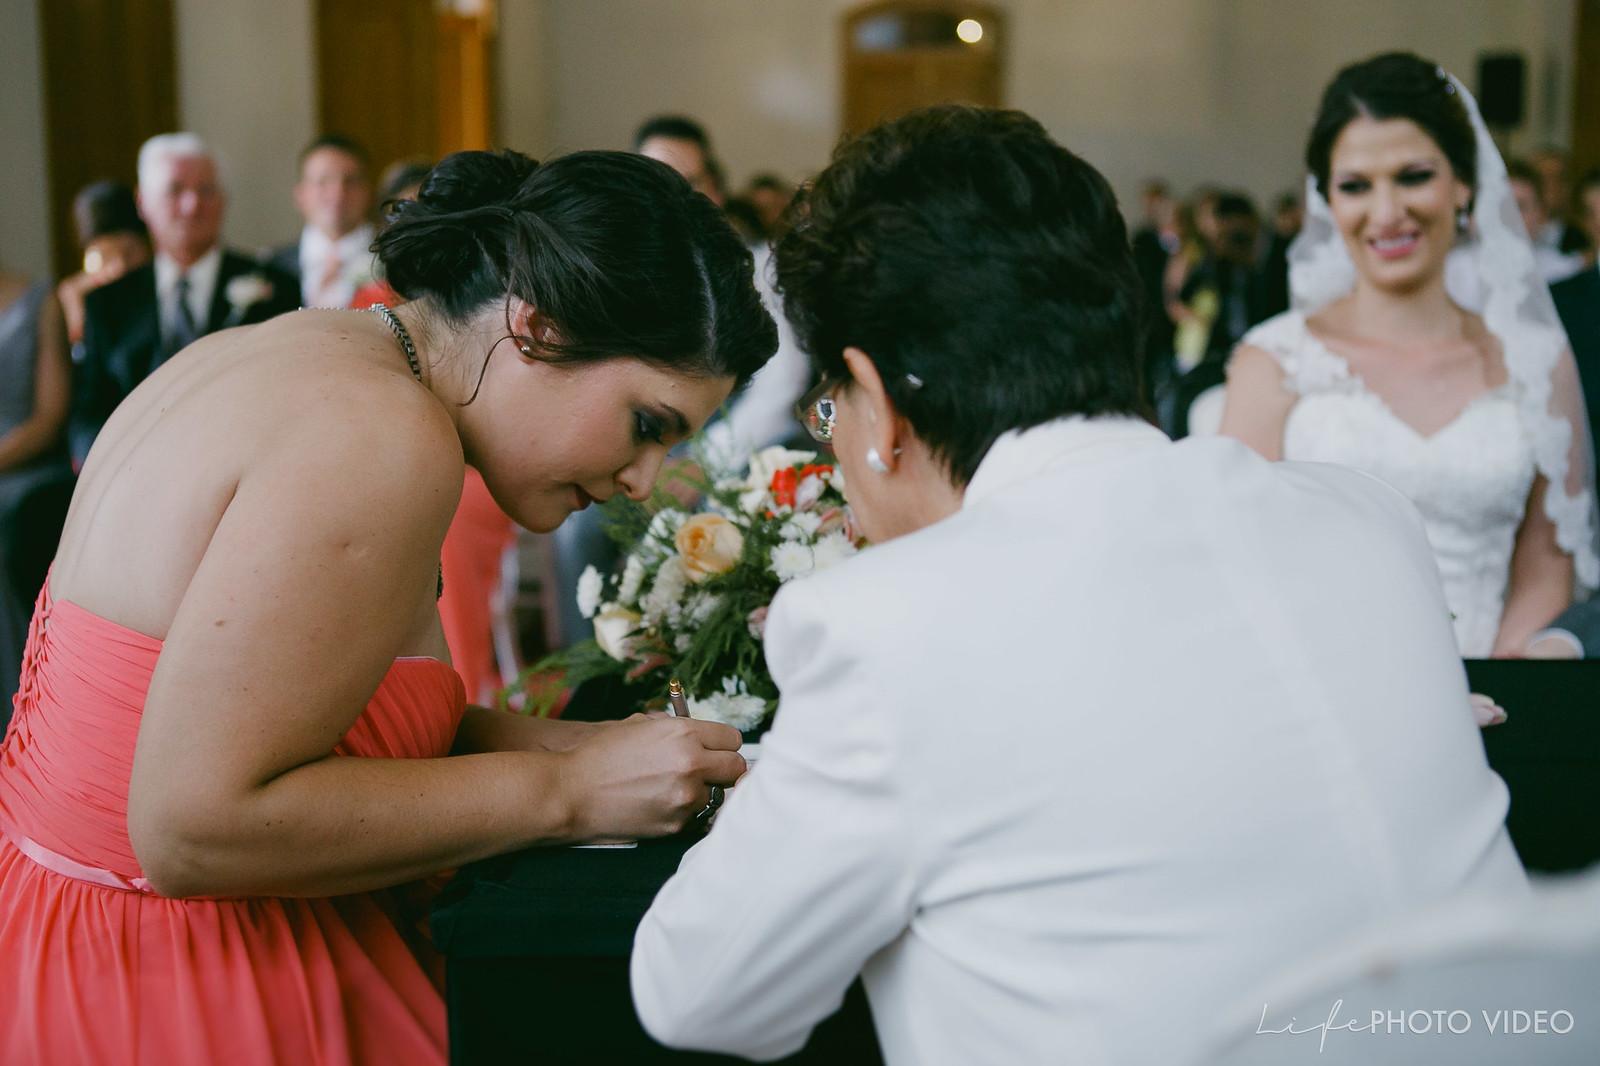 LifePhotoVideo_Boda_LeonGto_Wedding_0044.jpg